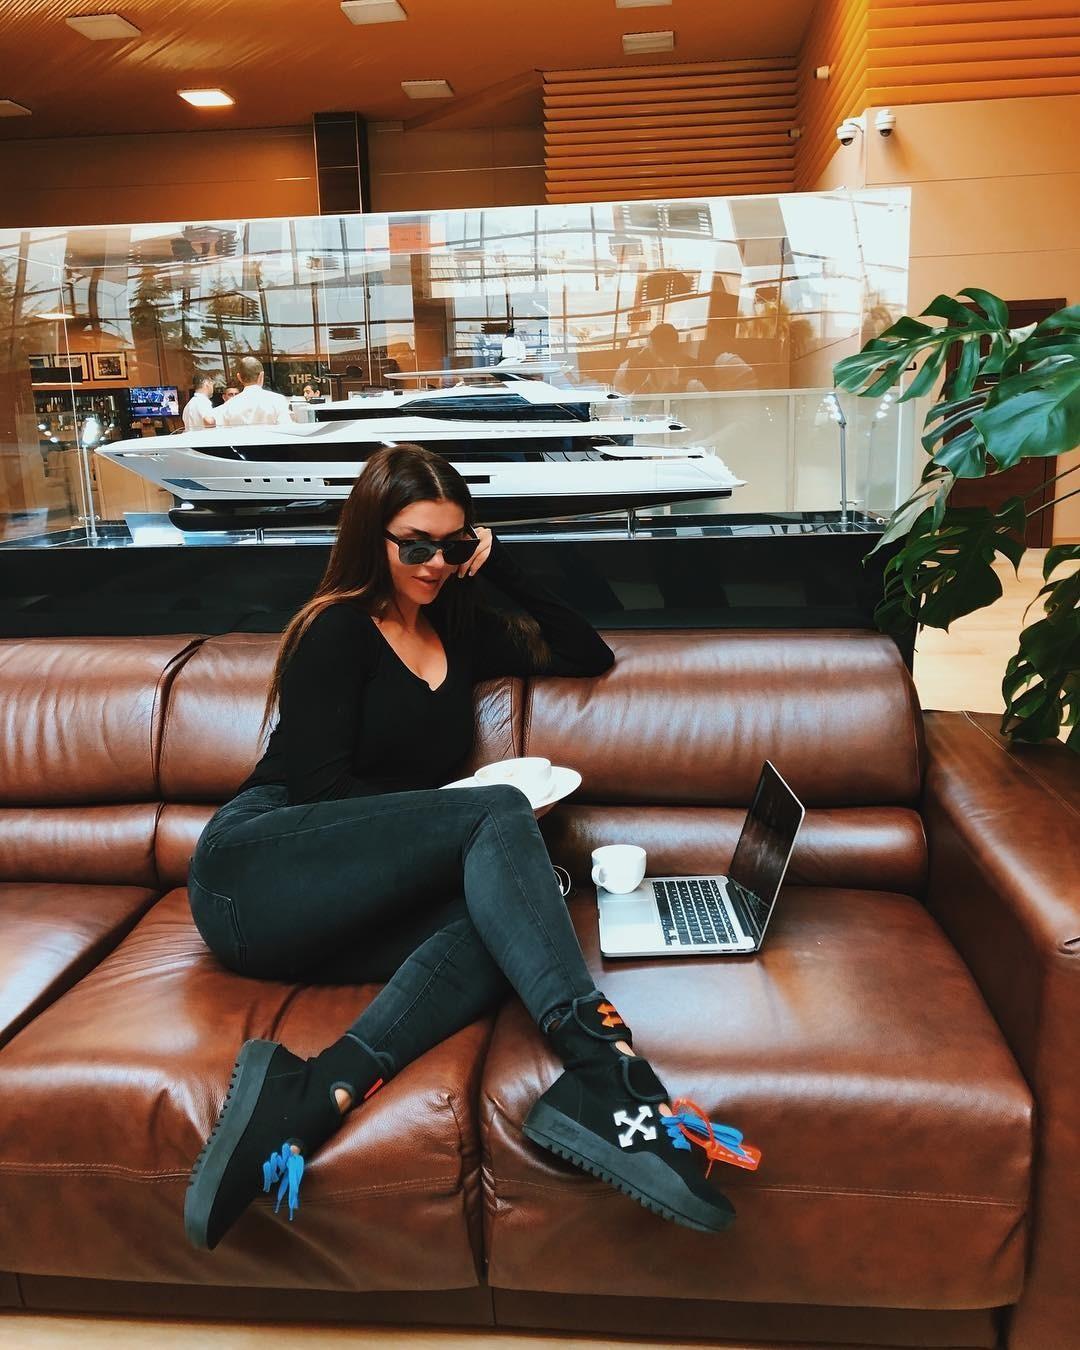 Седокова также попросила поклонниц поделиться своими проверенными диетами, а также поинтересовалась, можно ли худеющим пить кофе. Поклонники поддержали артистку иответили навсе интересу...